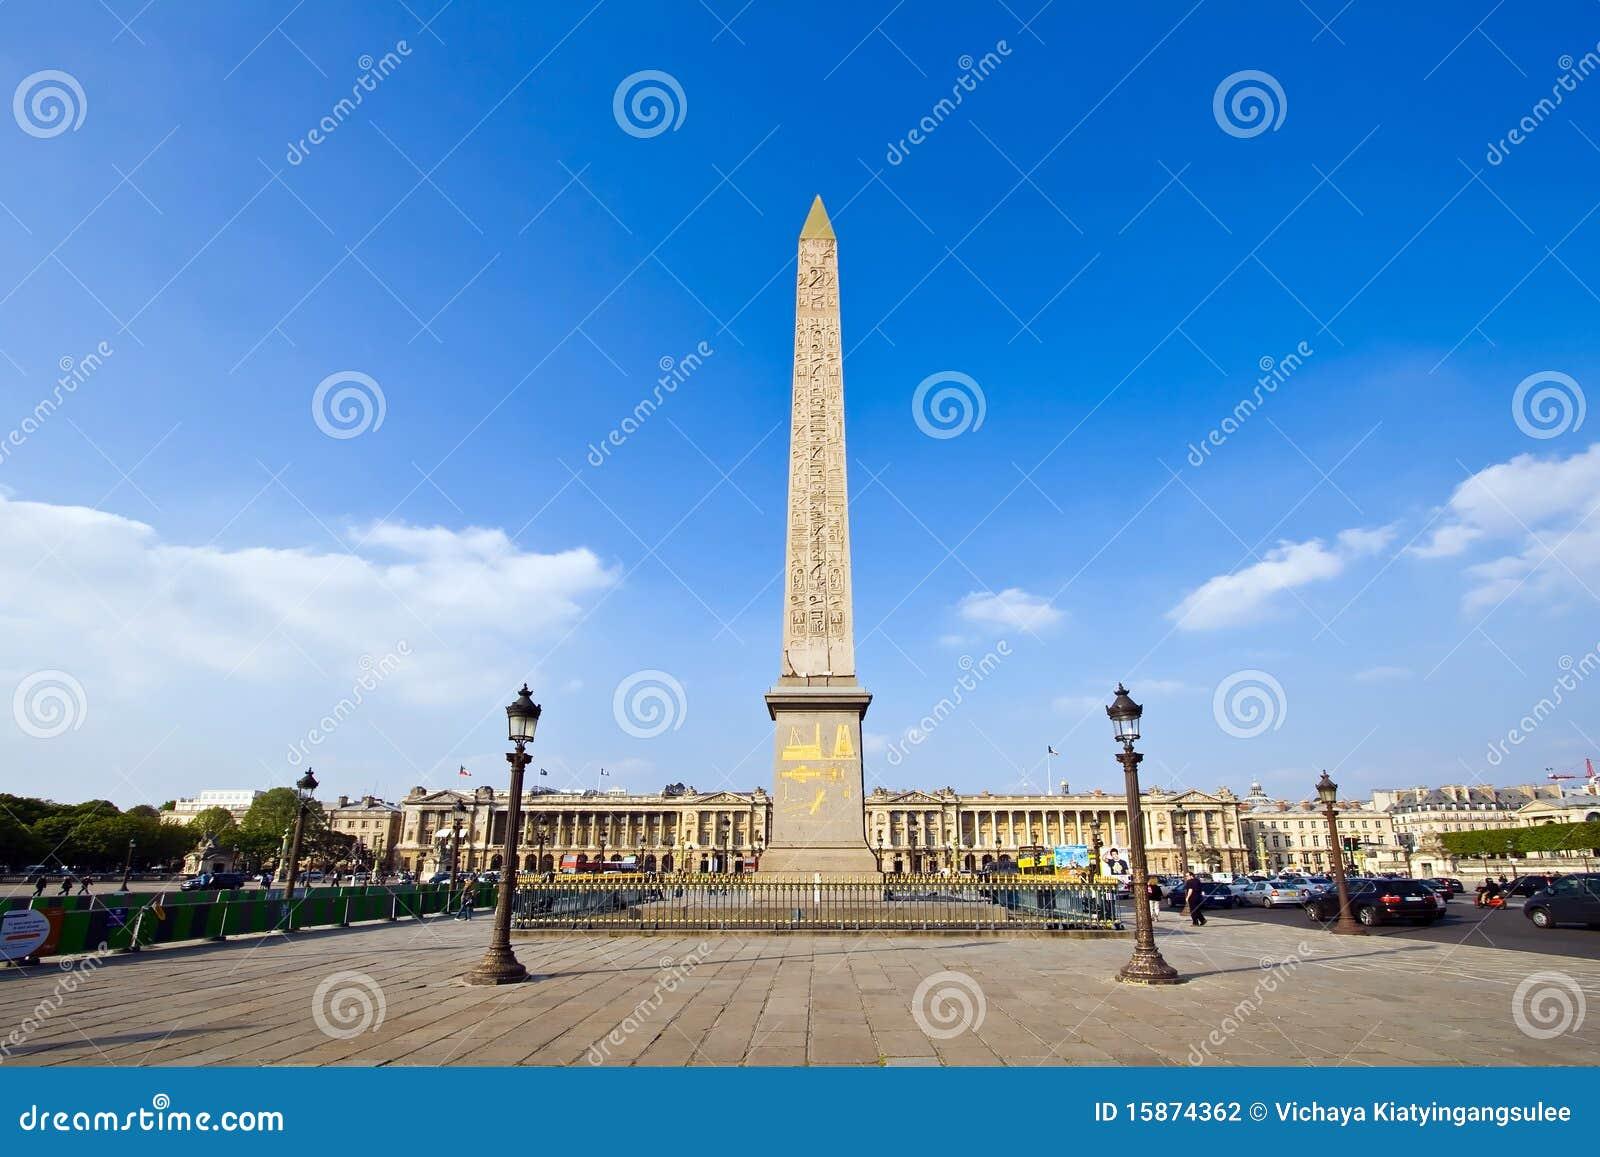 Obelisk Monument Paris